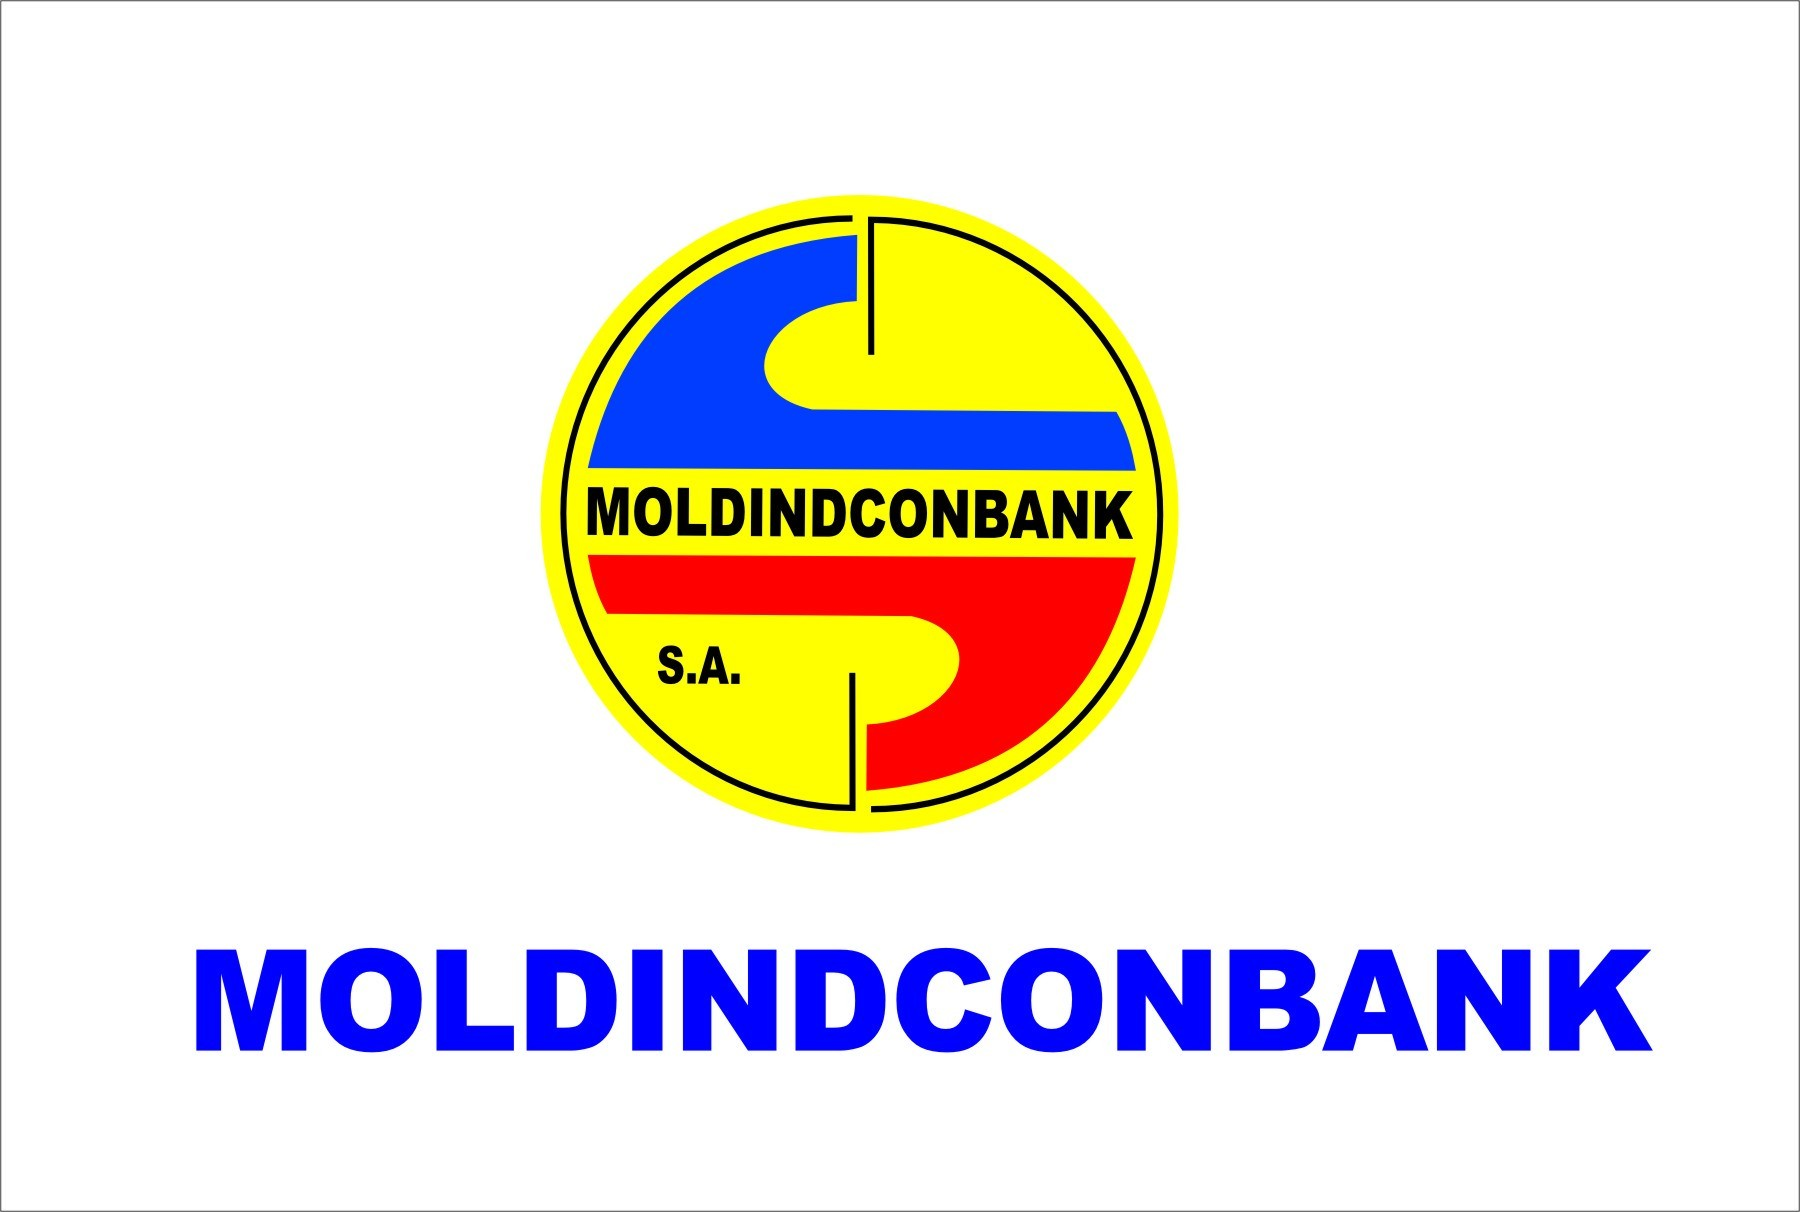 Mandatele administratorilor temporari ai Moldindconbank  au fost prelungite cu încă jumătate de an